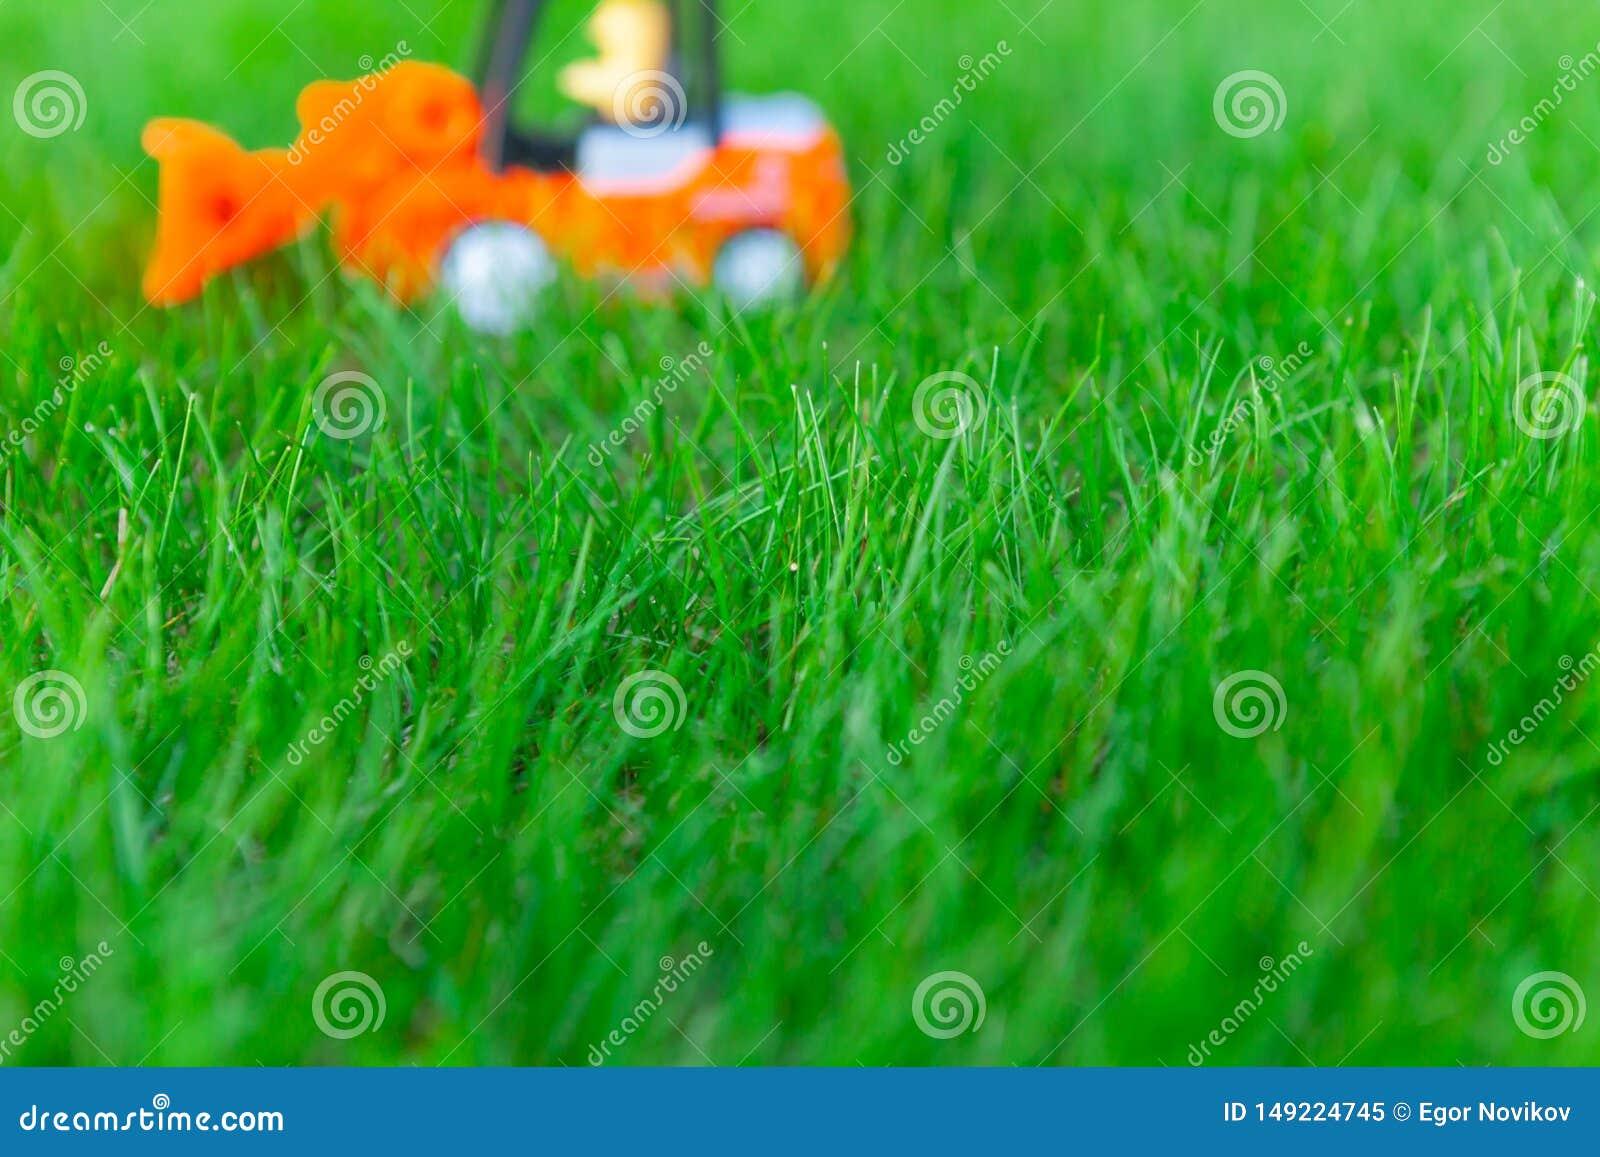 Запачканный затяжелитель игрушки, тележка на свежей зеленой траве, игрушке для детей